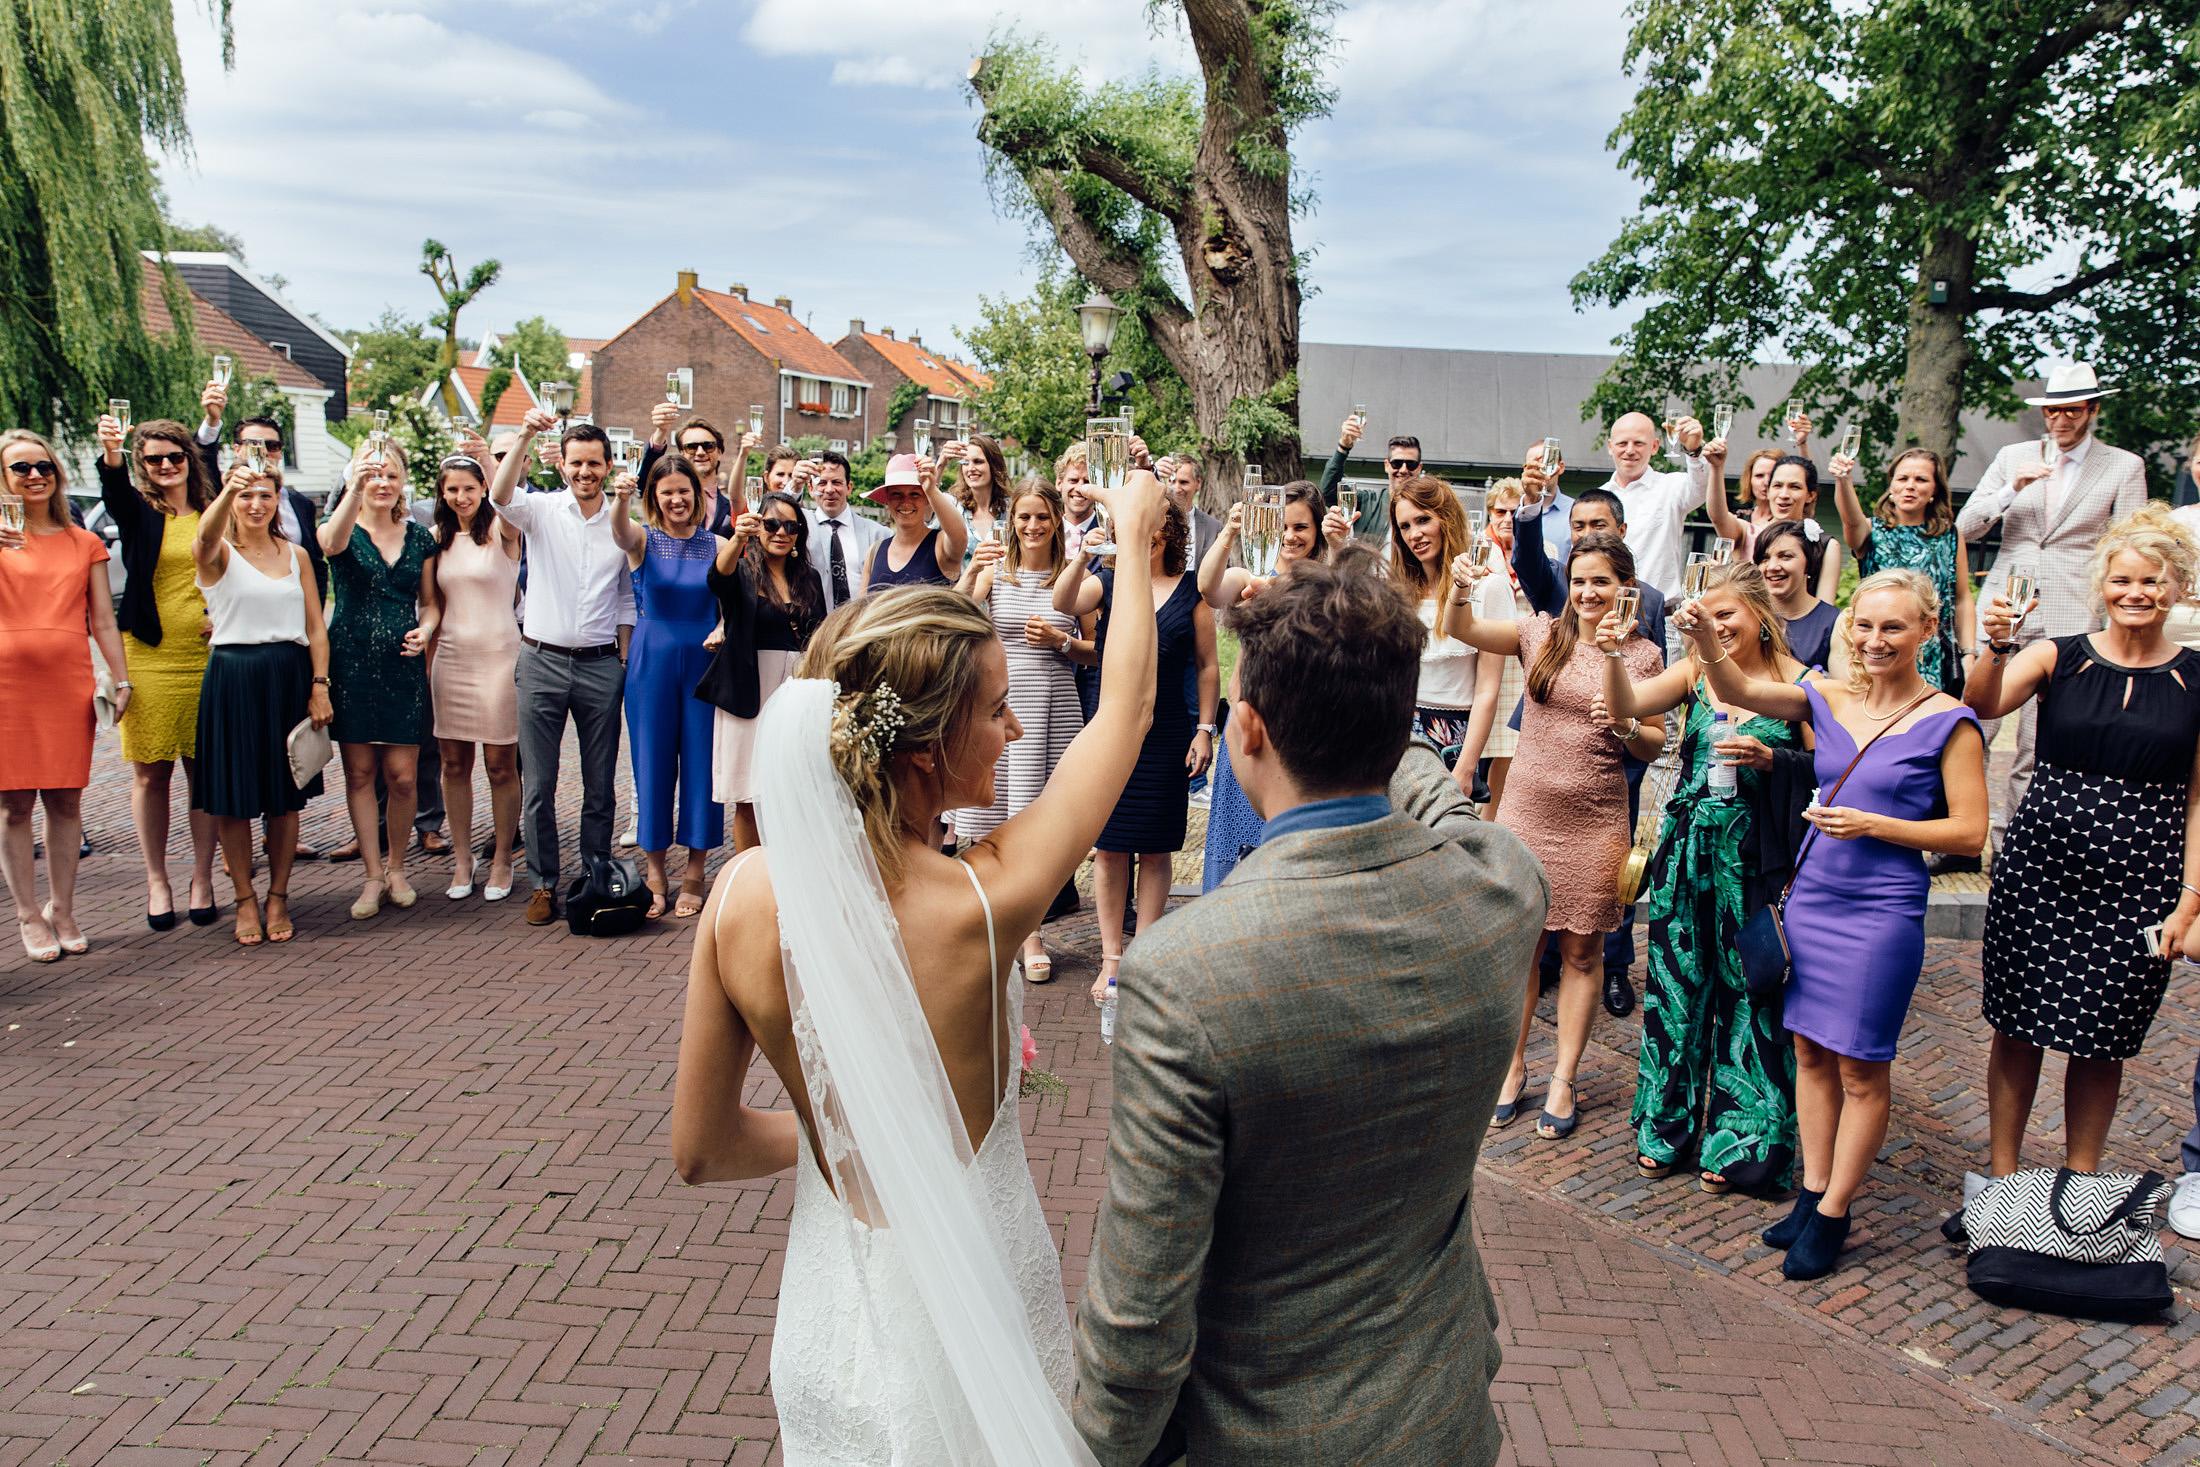 38-receptie-bruiloft-schellingwoude